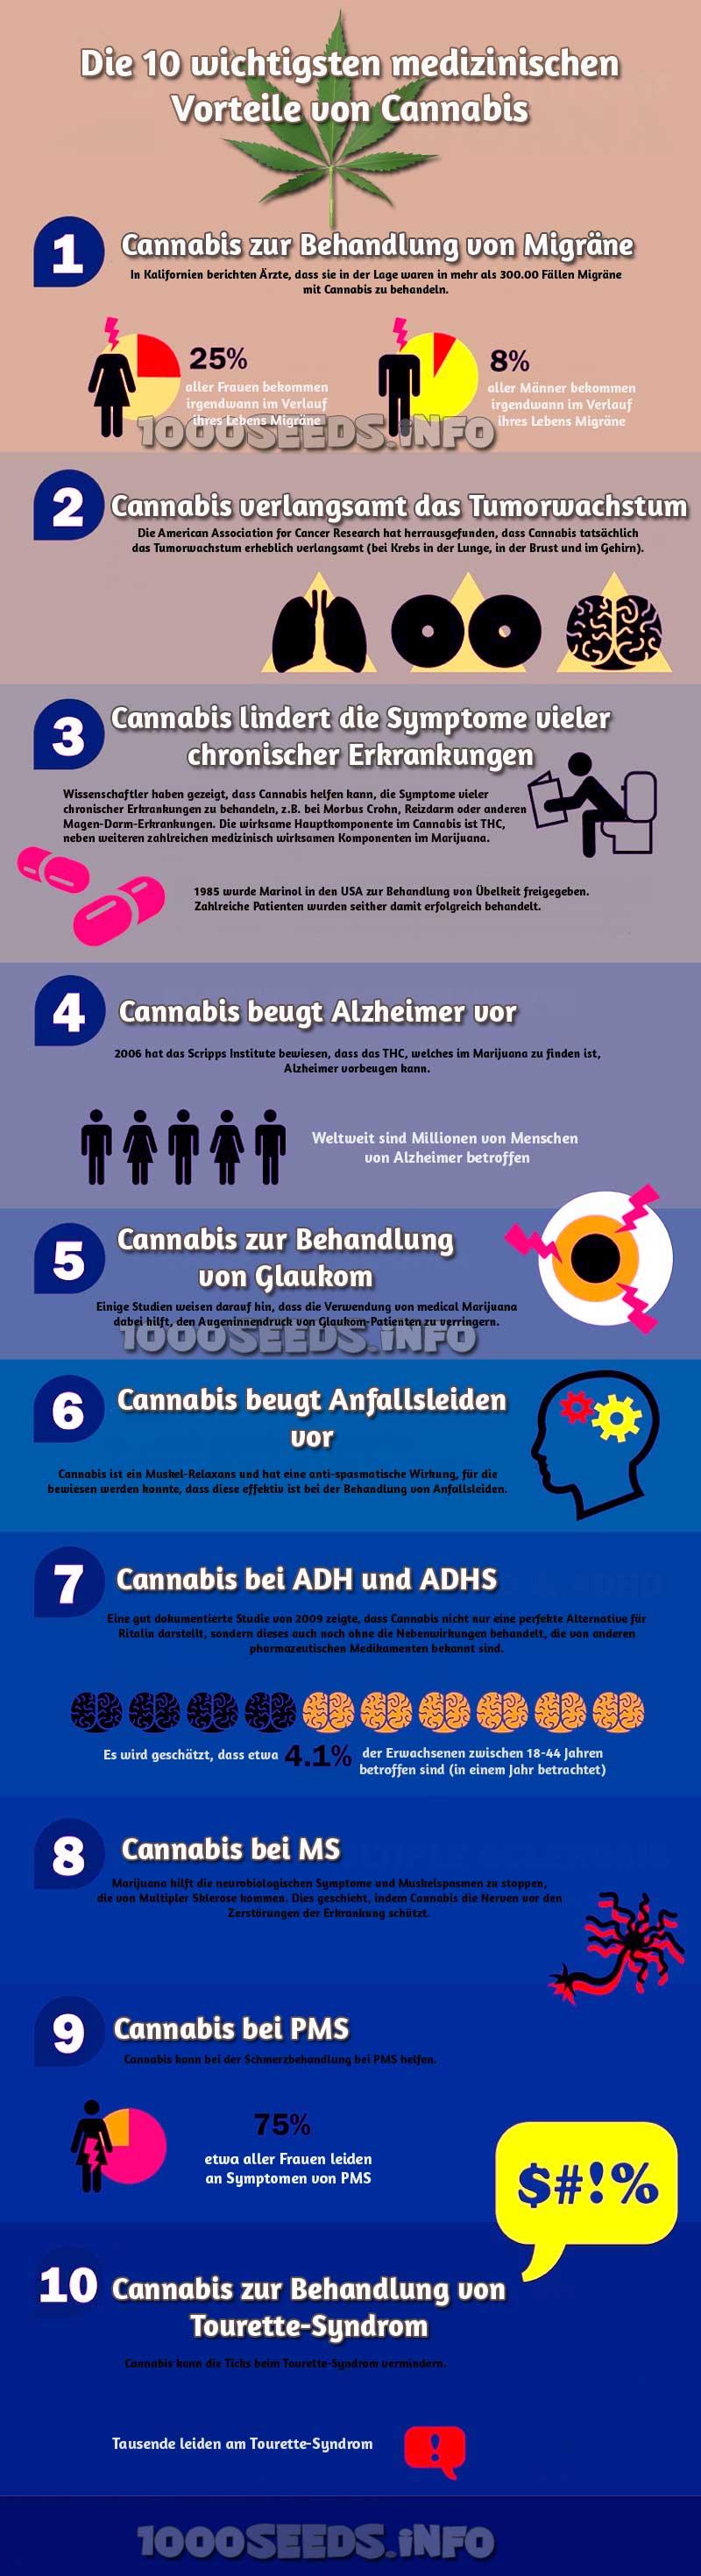 Info medizinische Vorteile von Cannabis